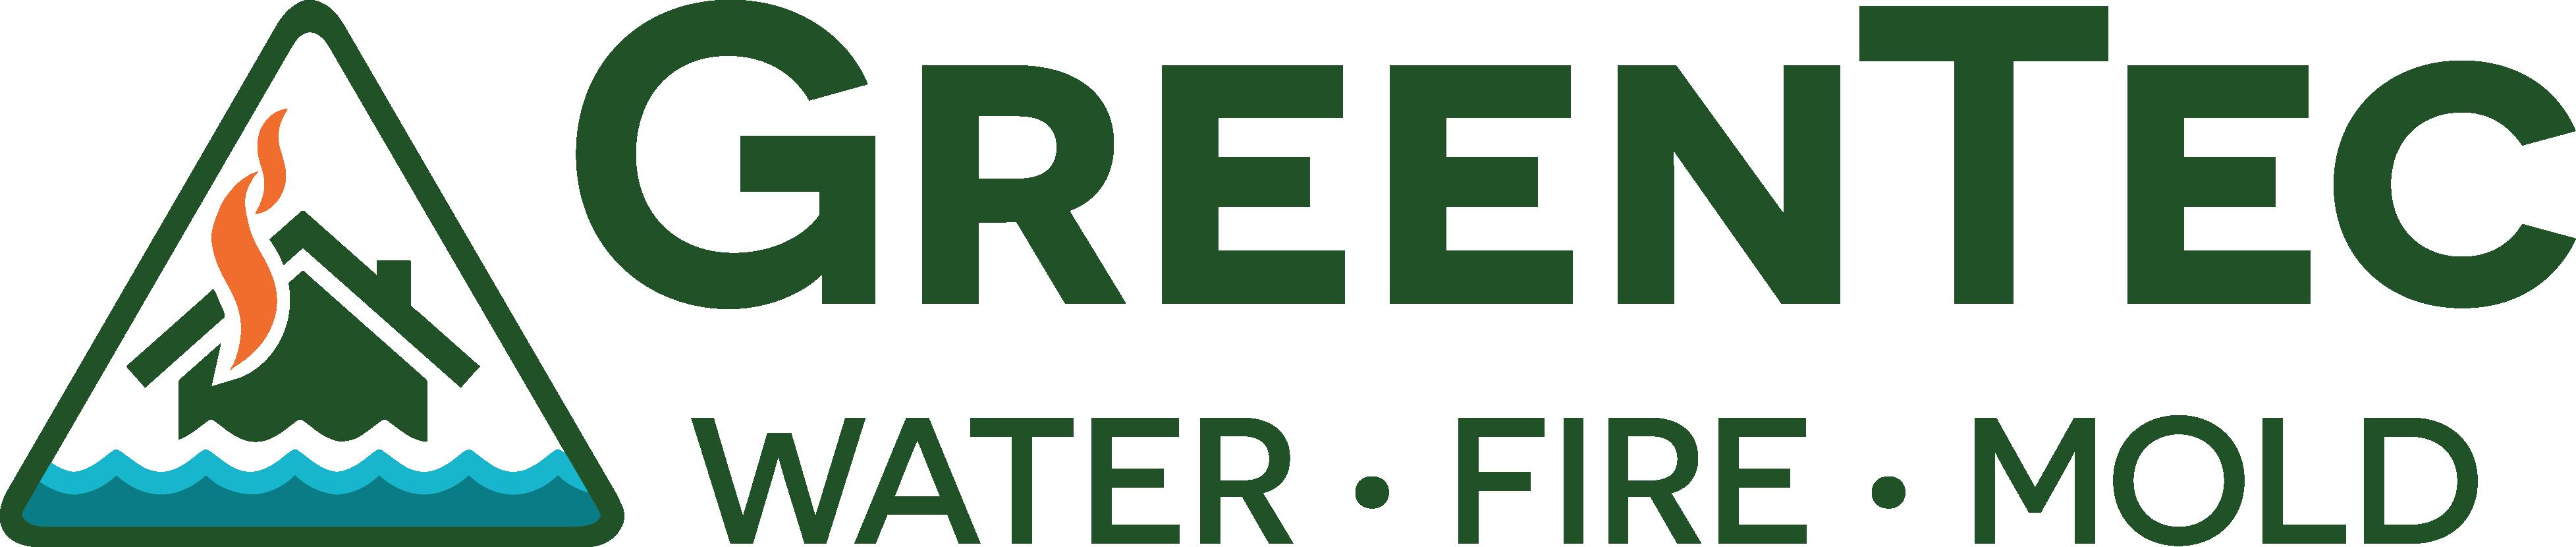 greenteclogos